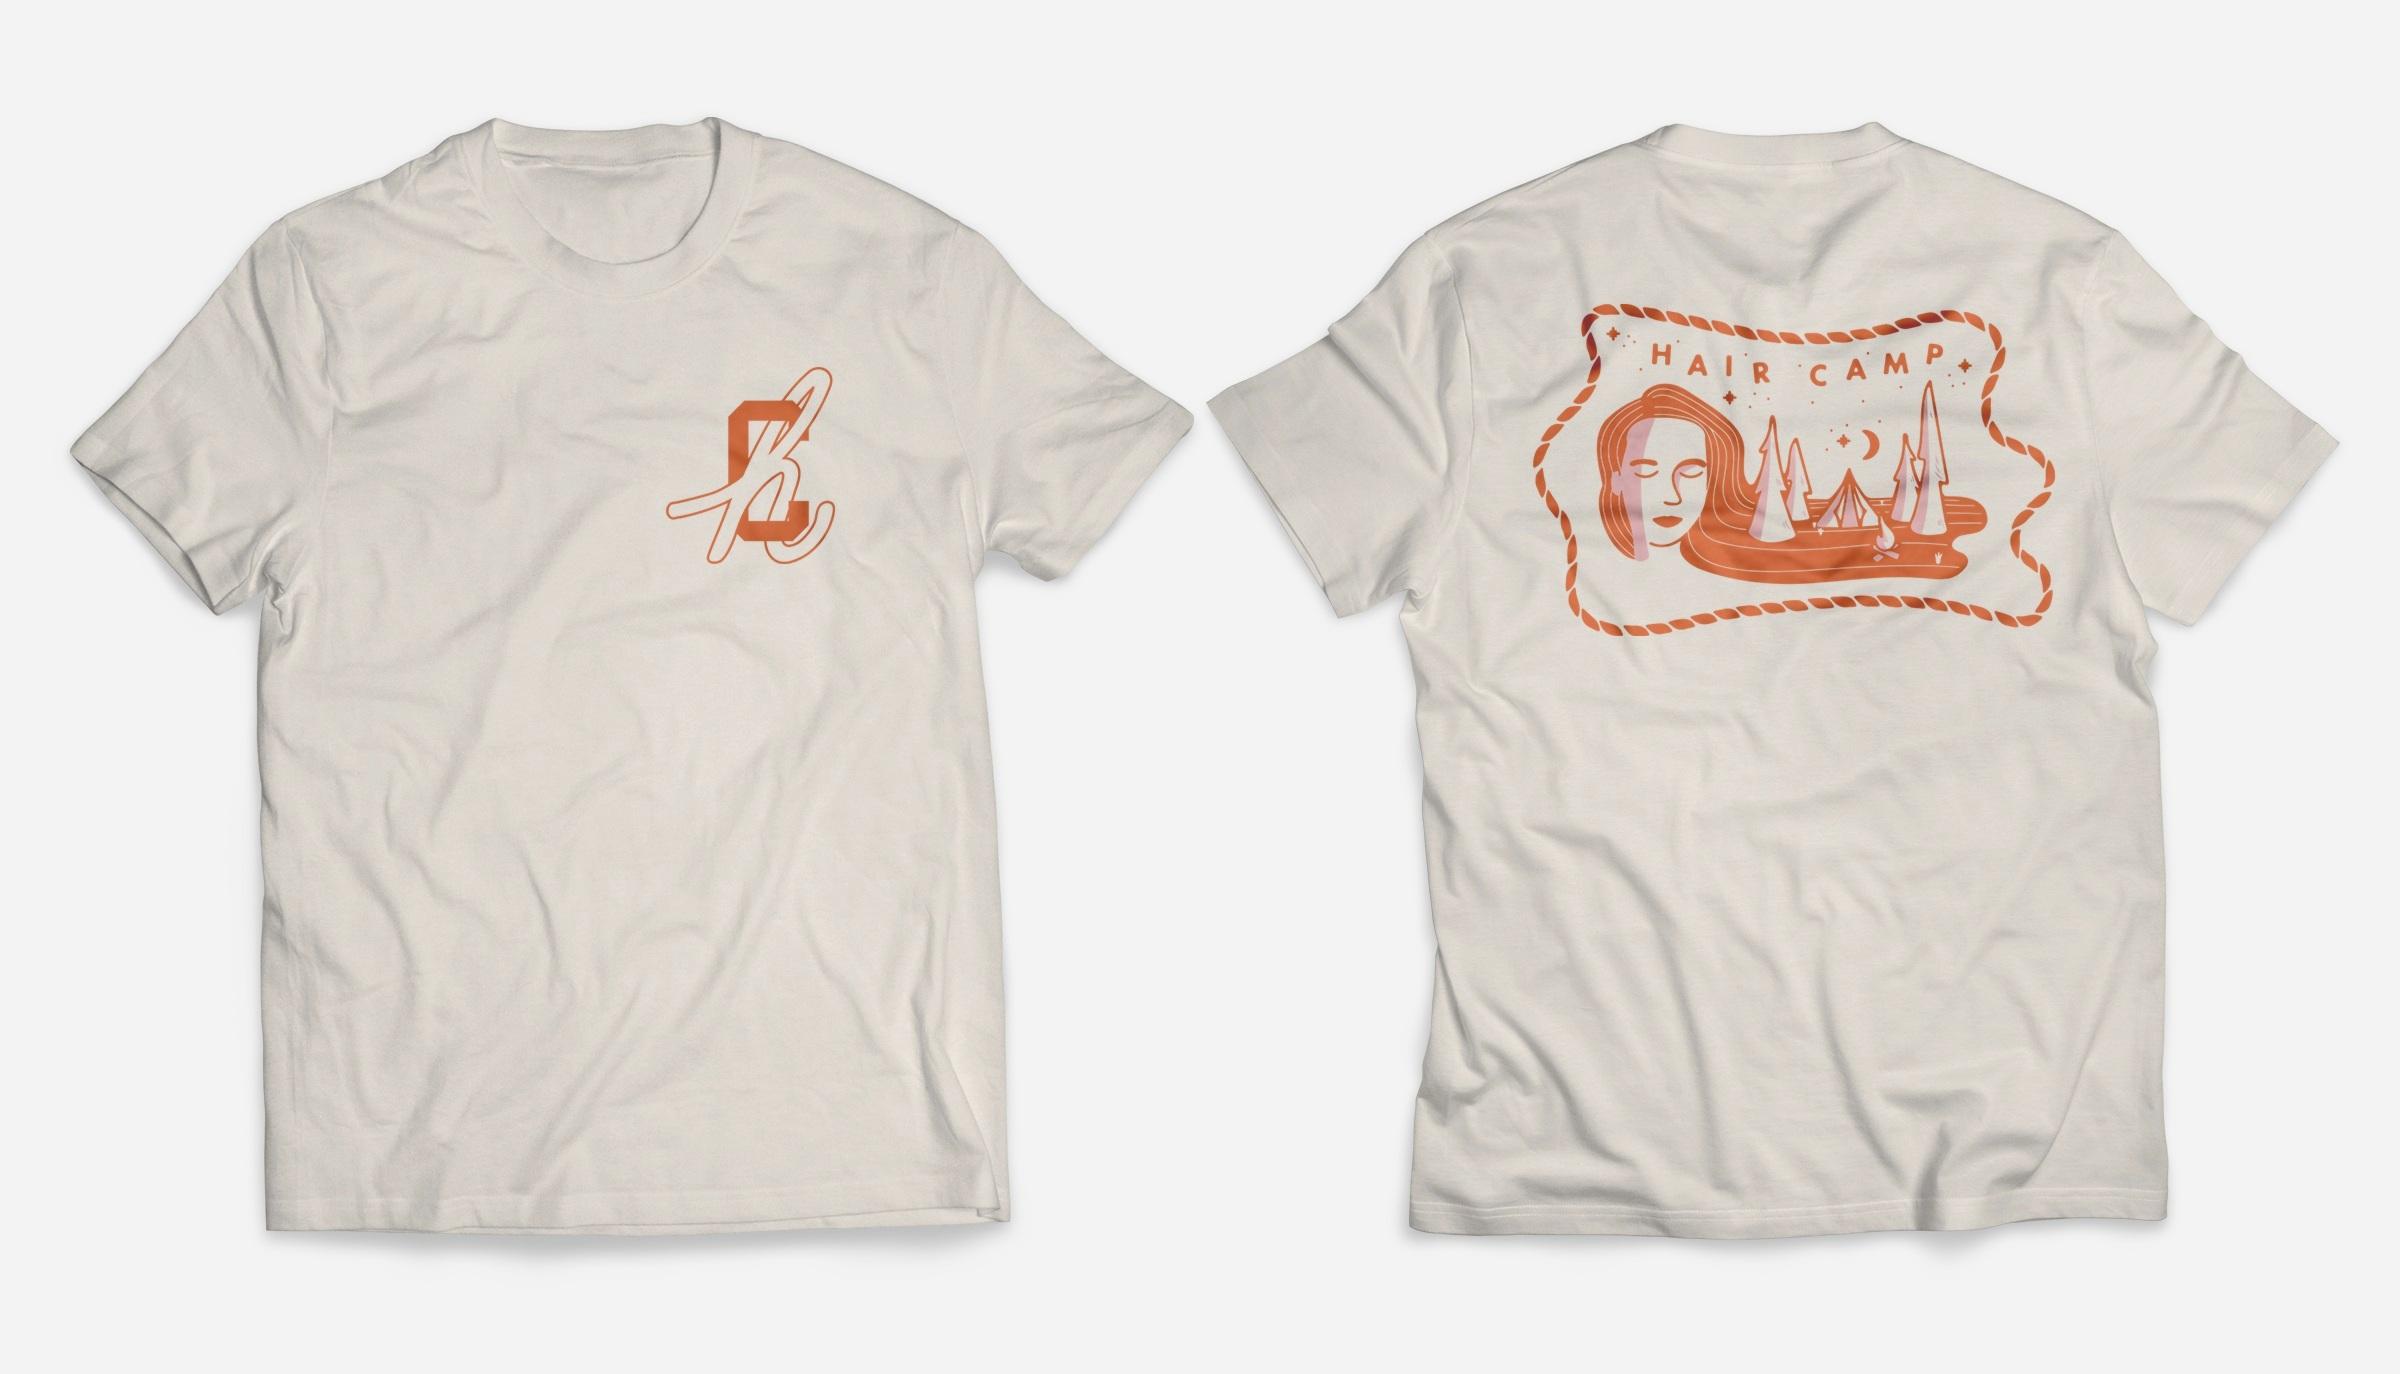 T-Shirt+MockUp_Front-Back.jpg